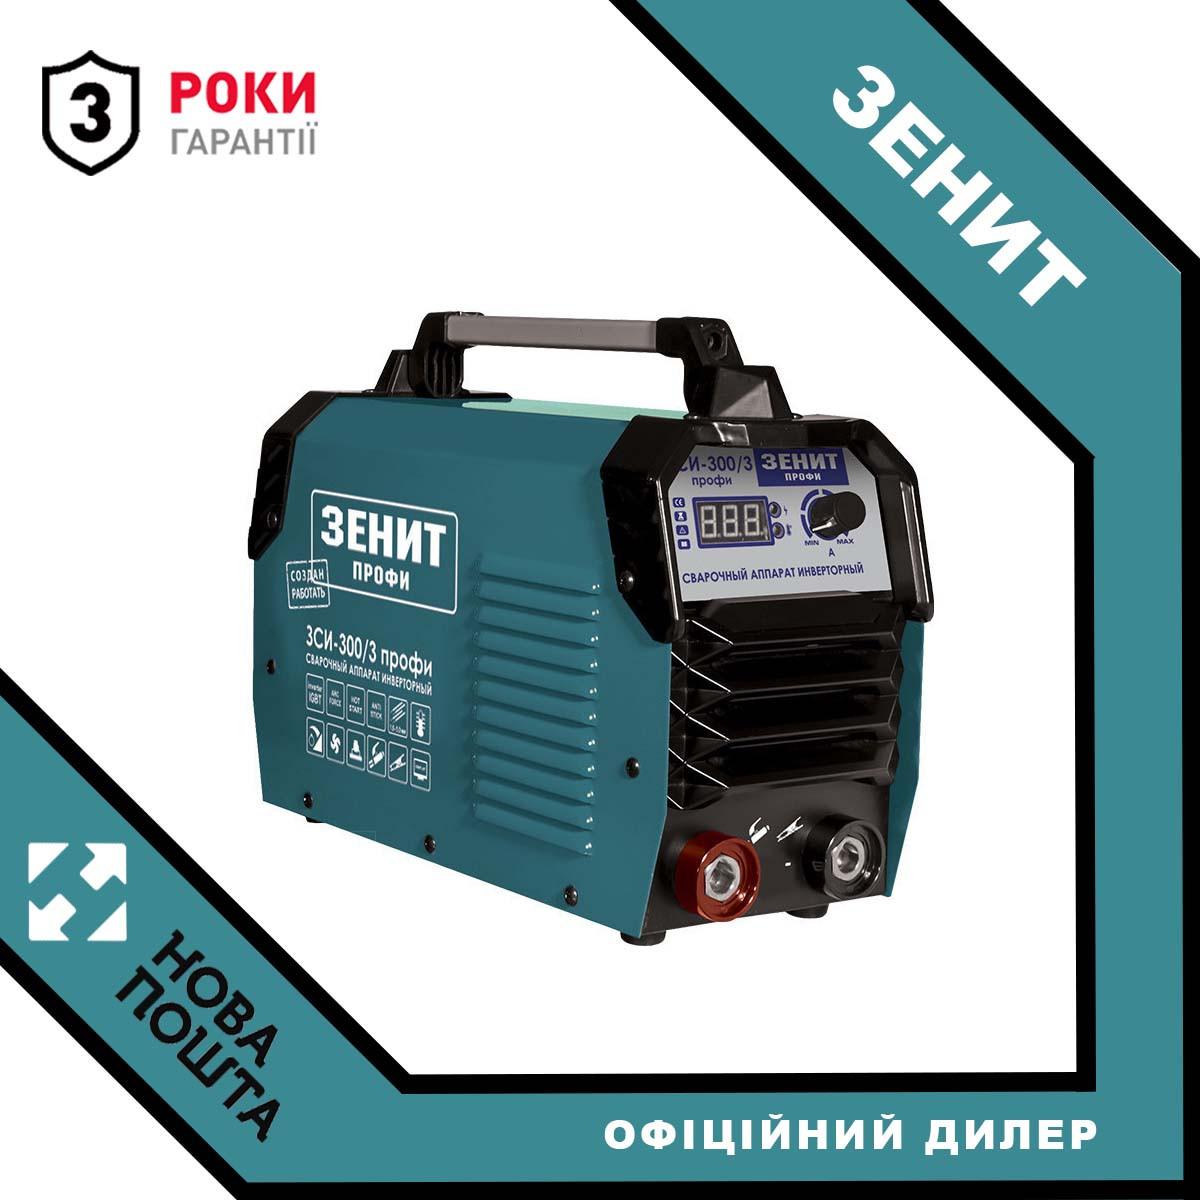 Зварювальний Інвертор Зеніт ЗСИ-300/3 Профі (8.1 кВт, 300 А)